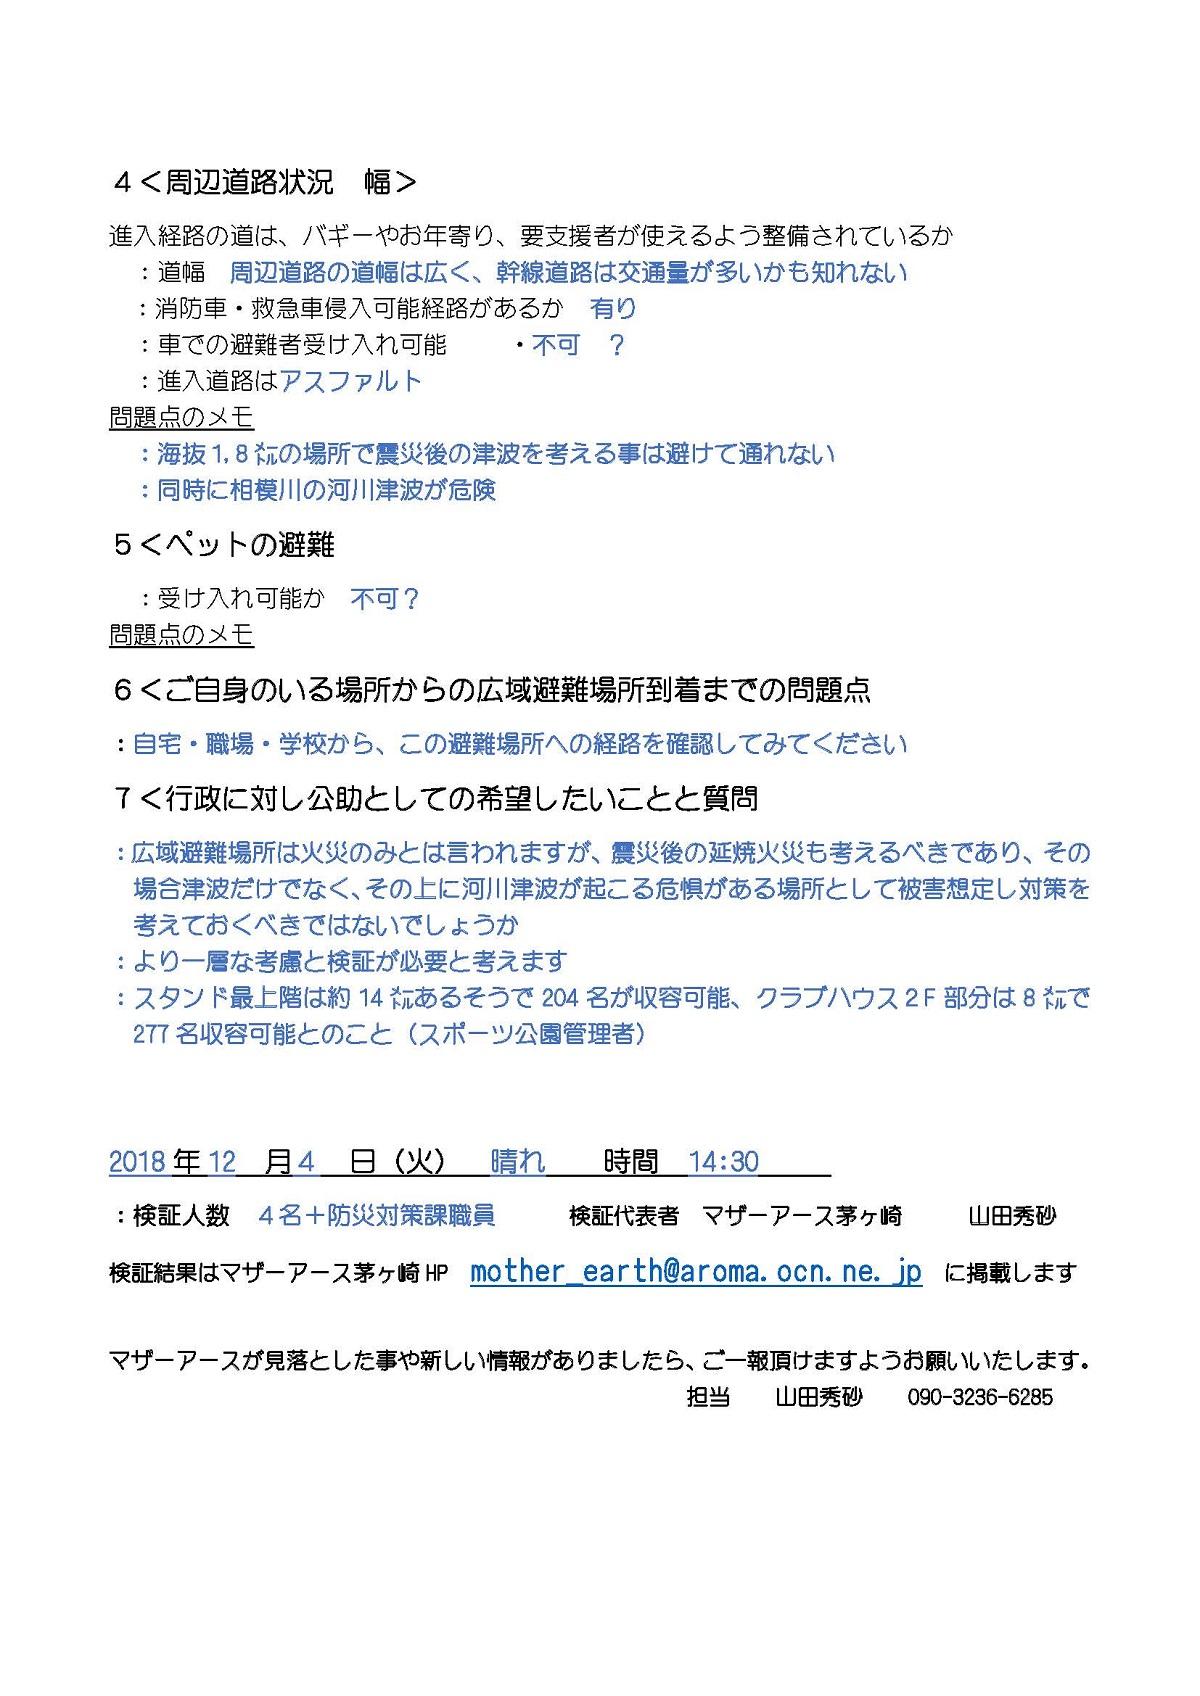 201新ー柳島スポーツ公園広域指定ーマザーアース茅ヶ崎_ページ_2